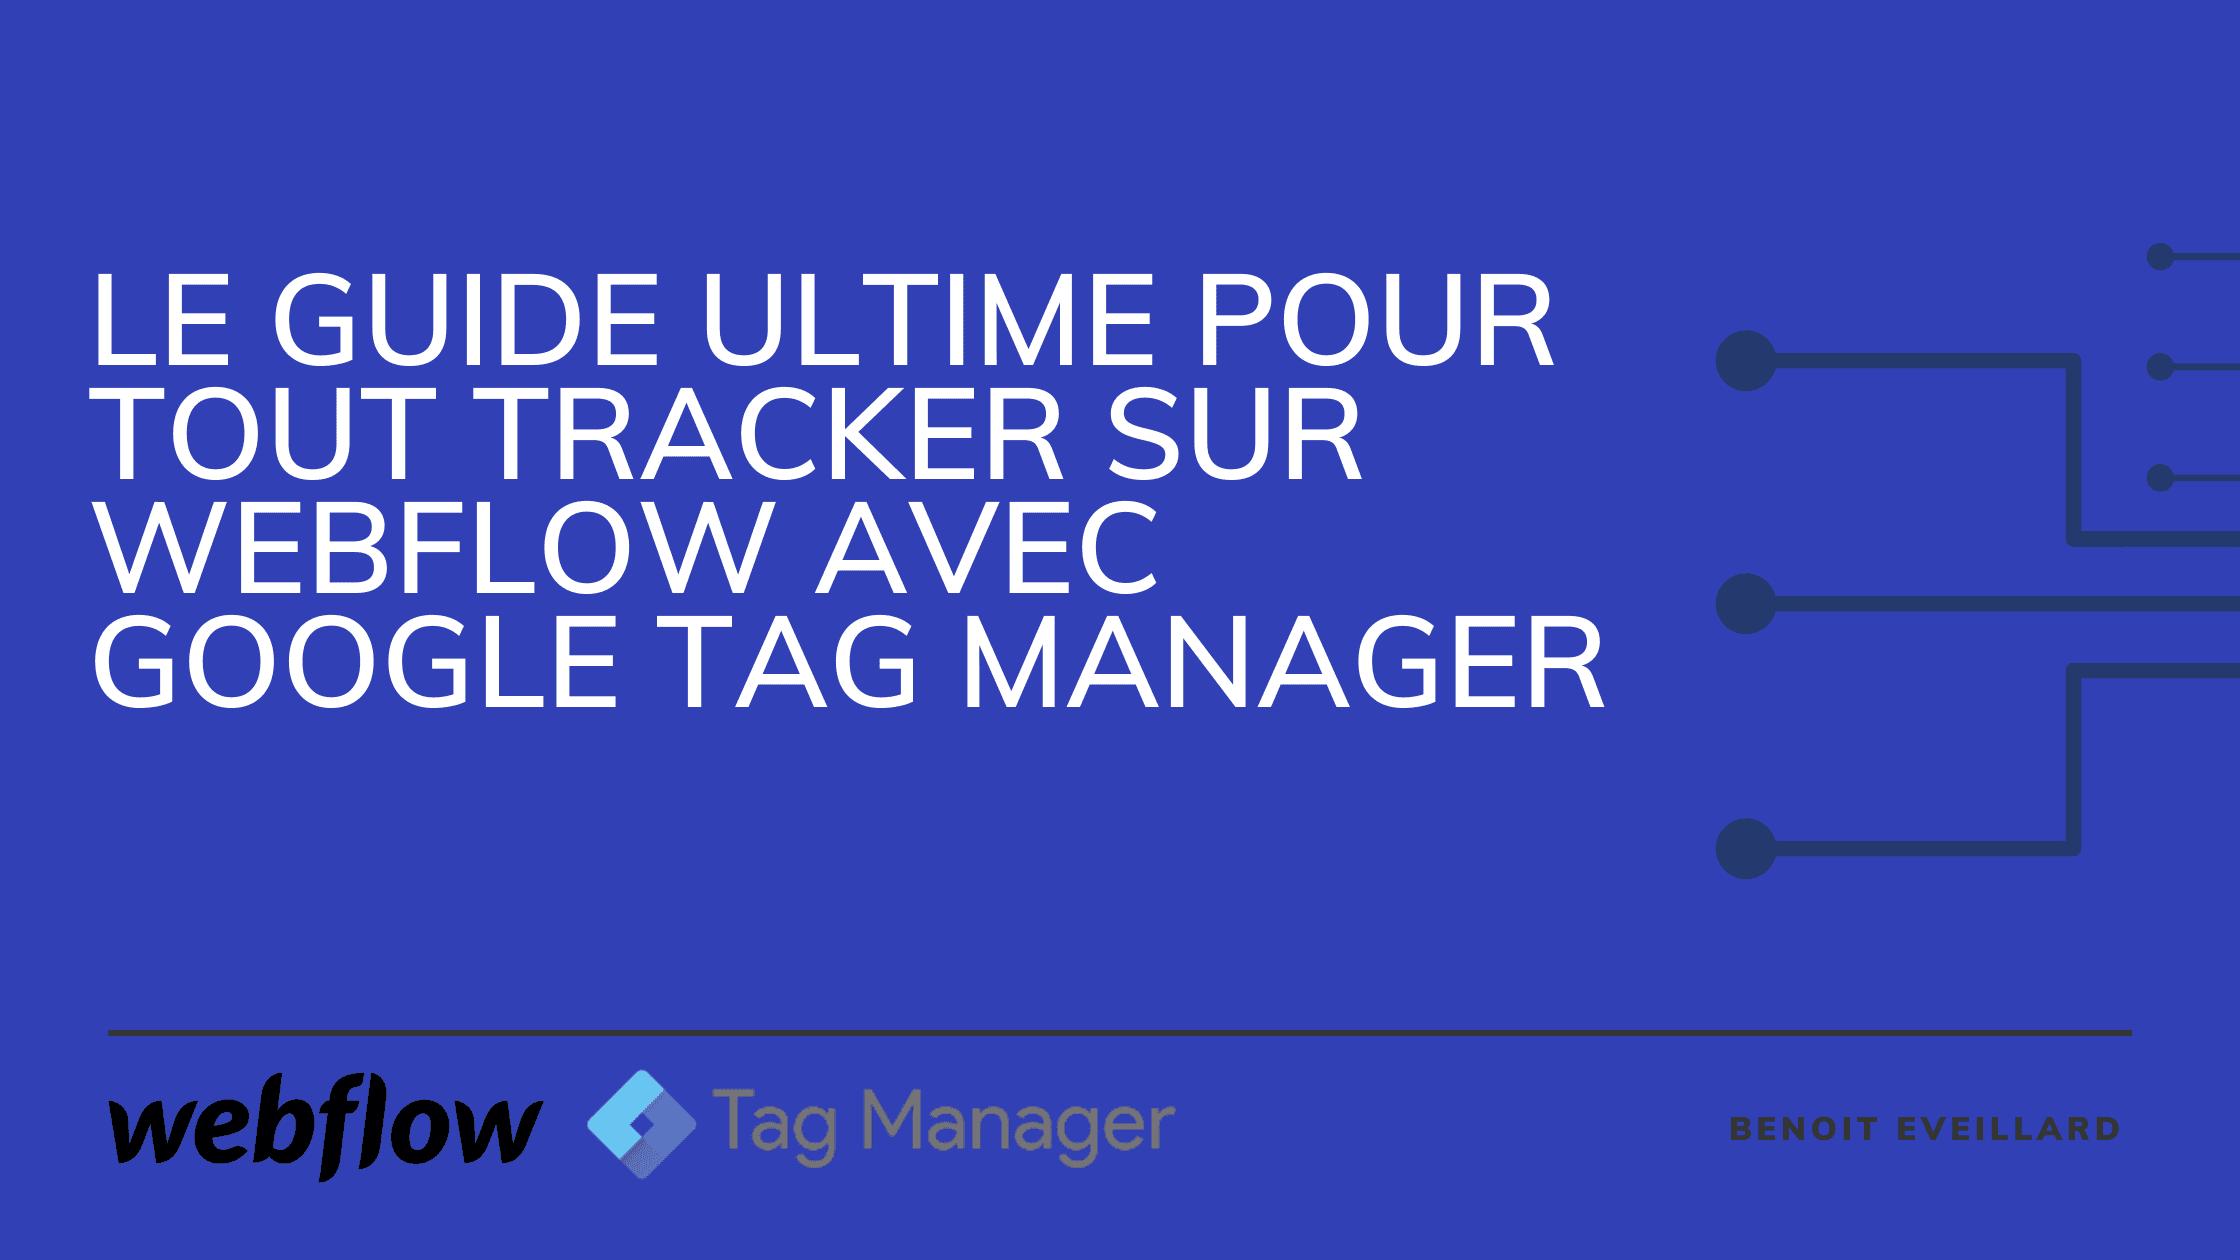 Le guide ultime pour tout tracker sur Webflow avec Google Tag Manager